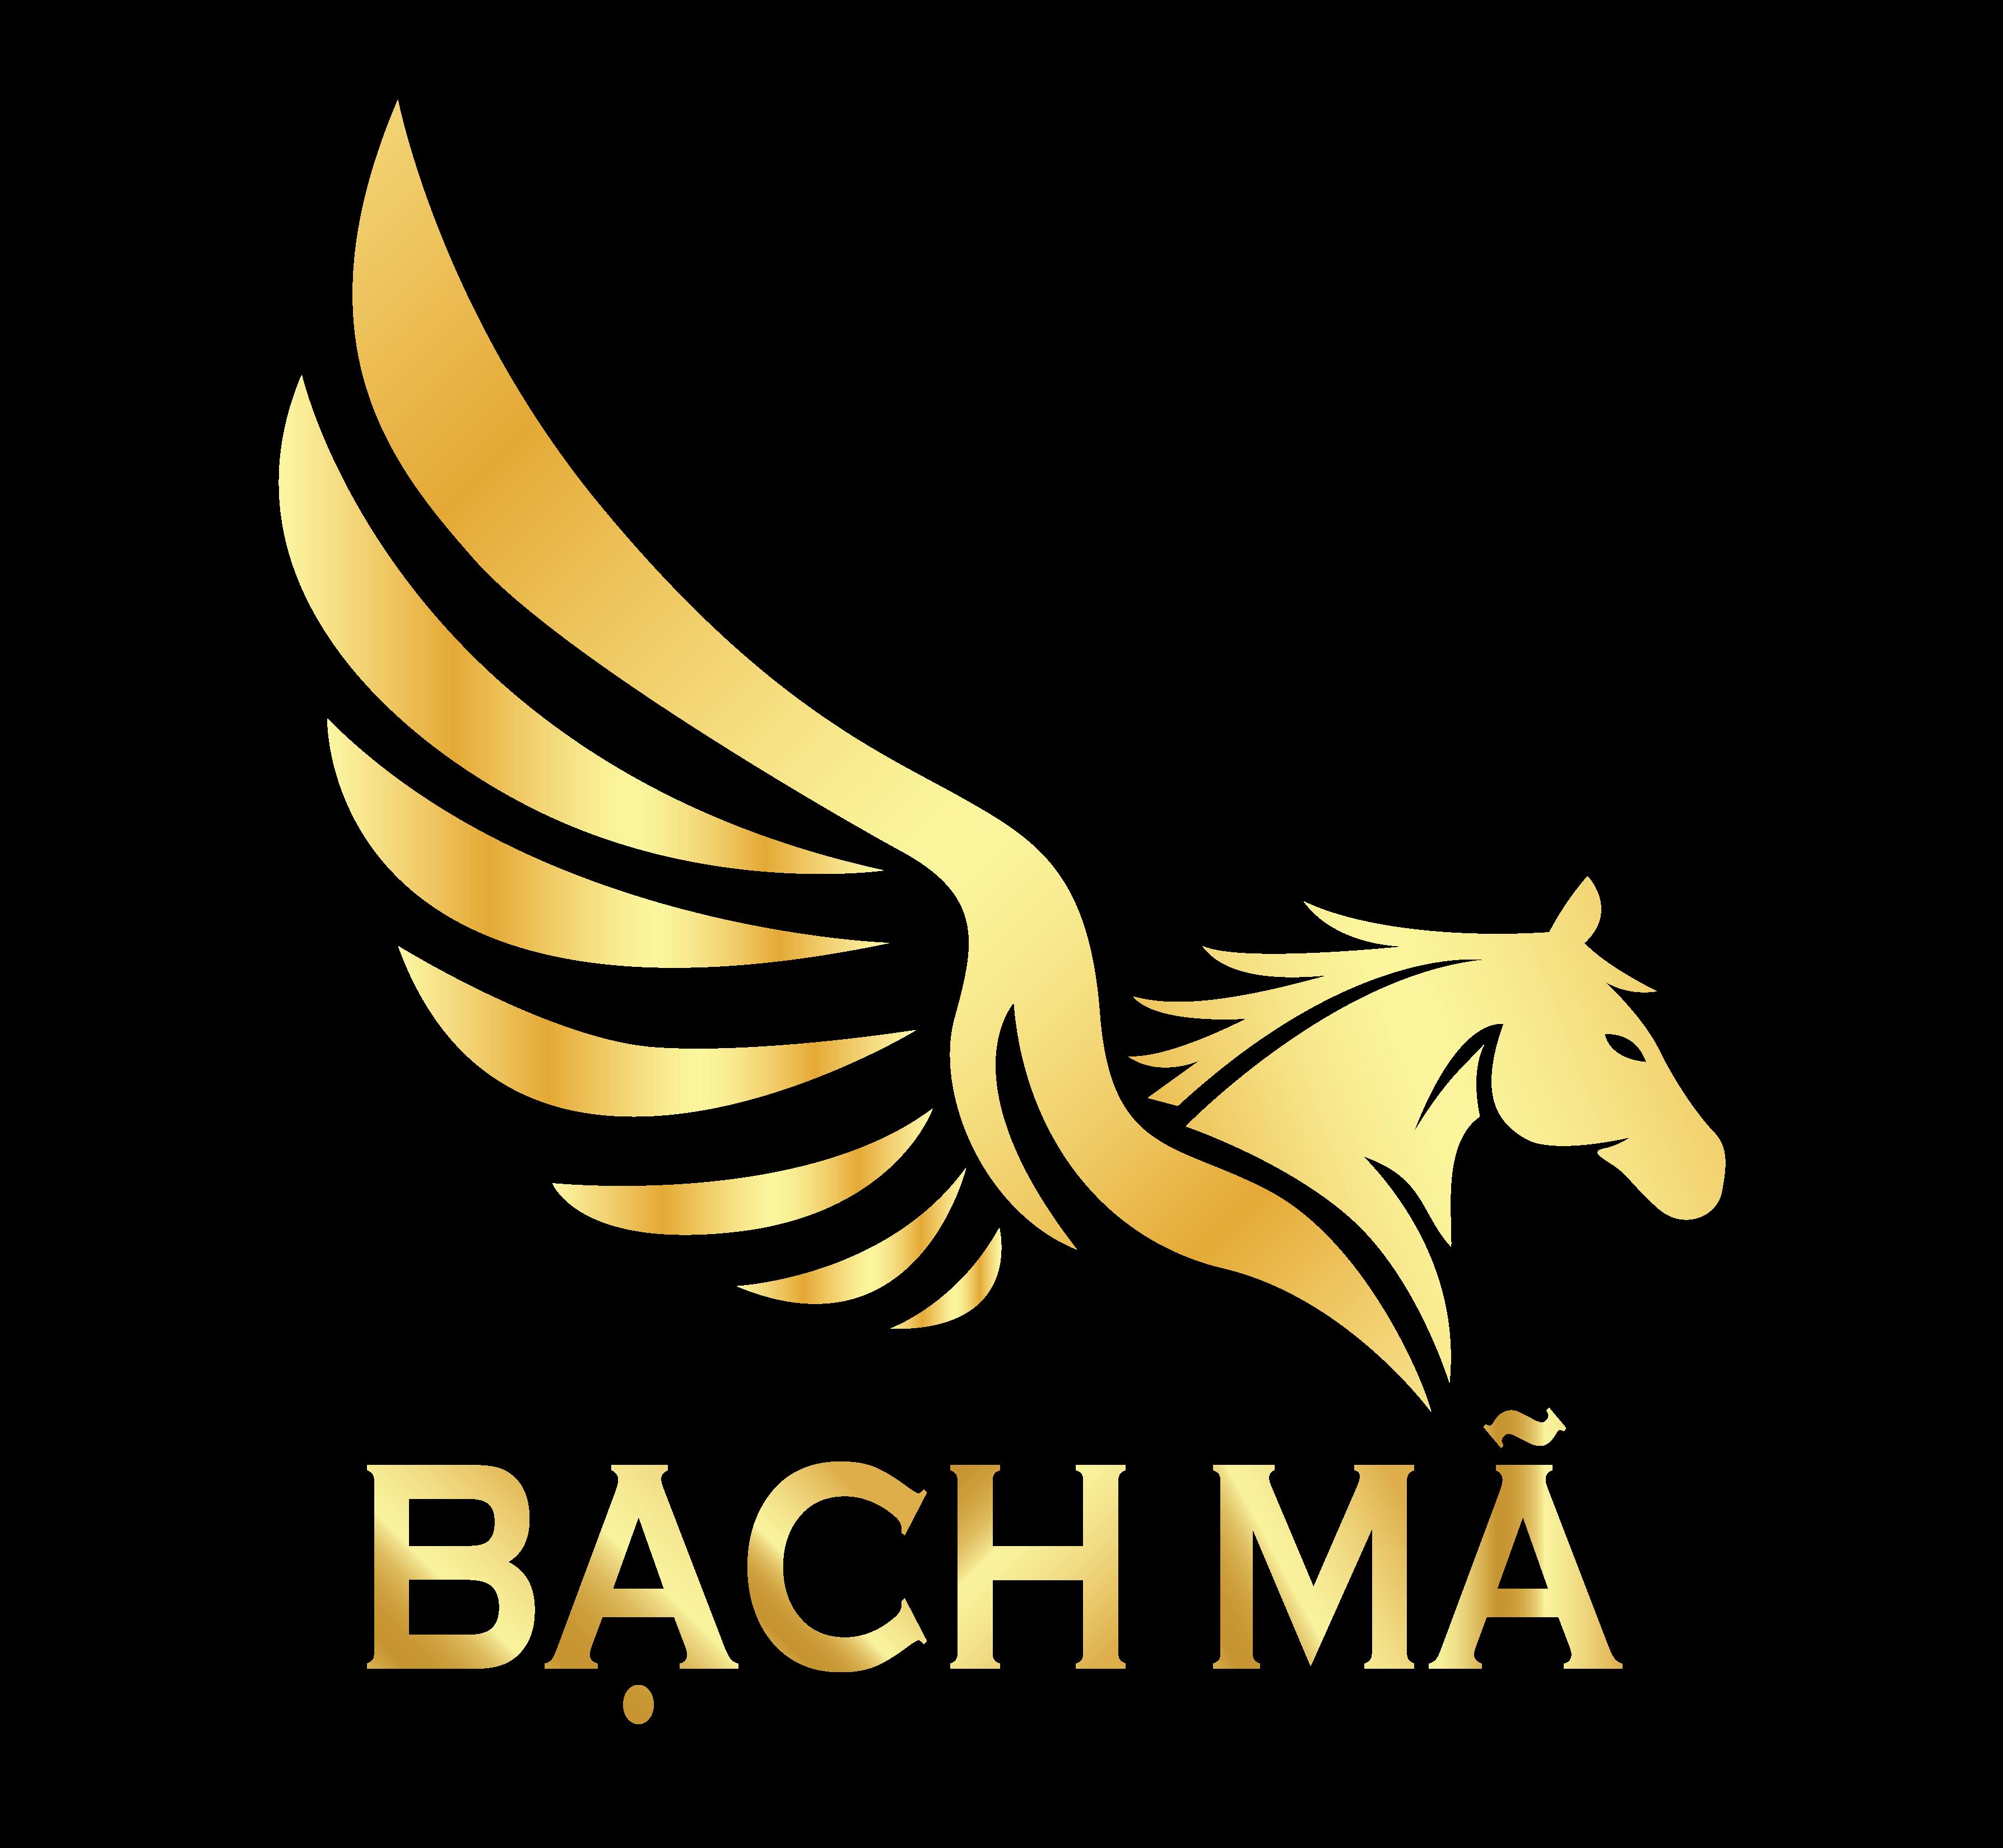 Bachma.vn